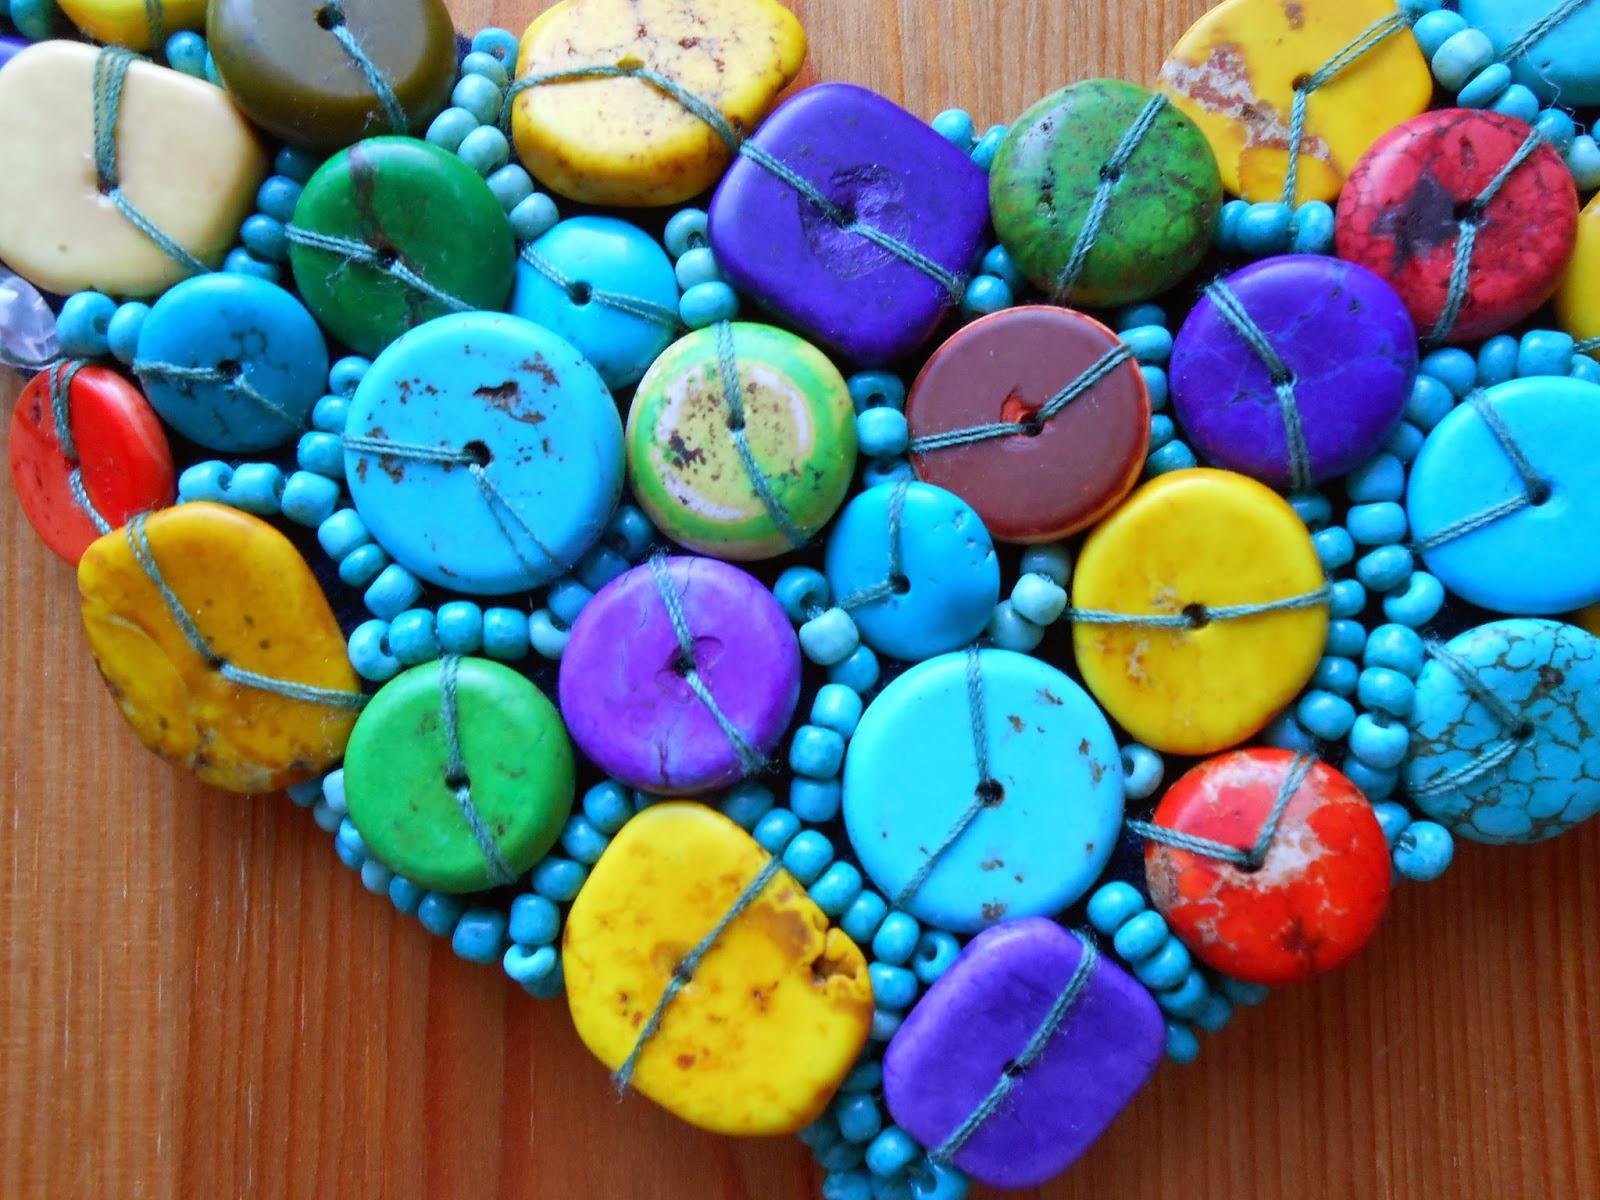 kolorowy naszyjnik wyszywany pastylkami howlitu